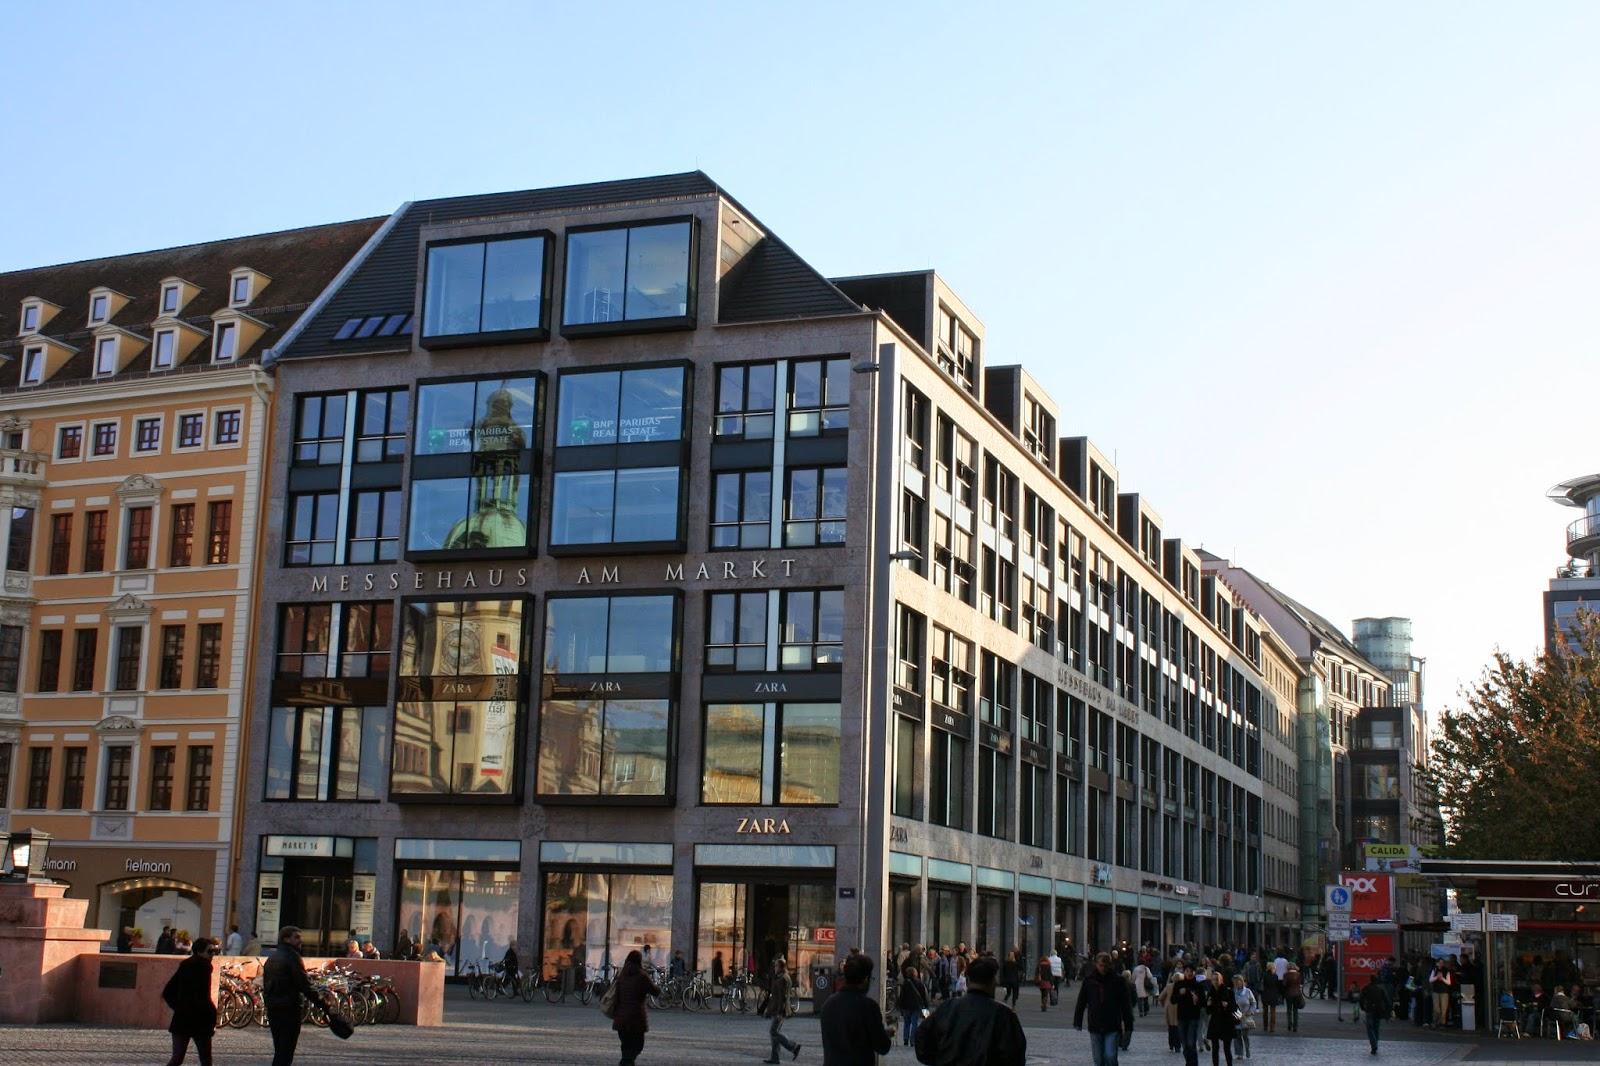 Das neue Messehaus am Markt wurde 1963 als Buchmessehaus eingeweiht